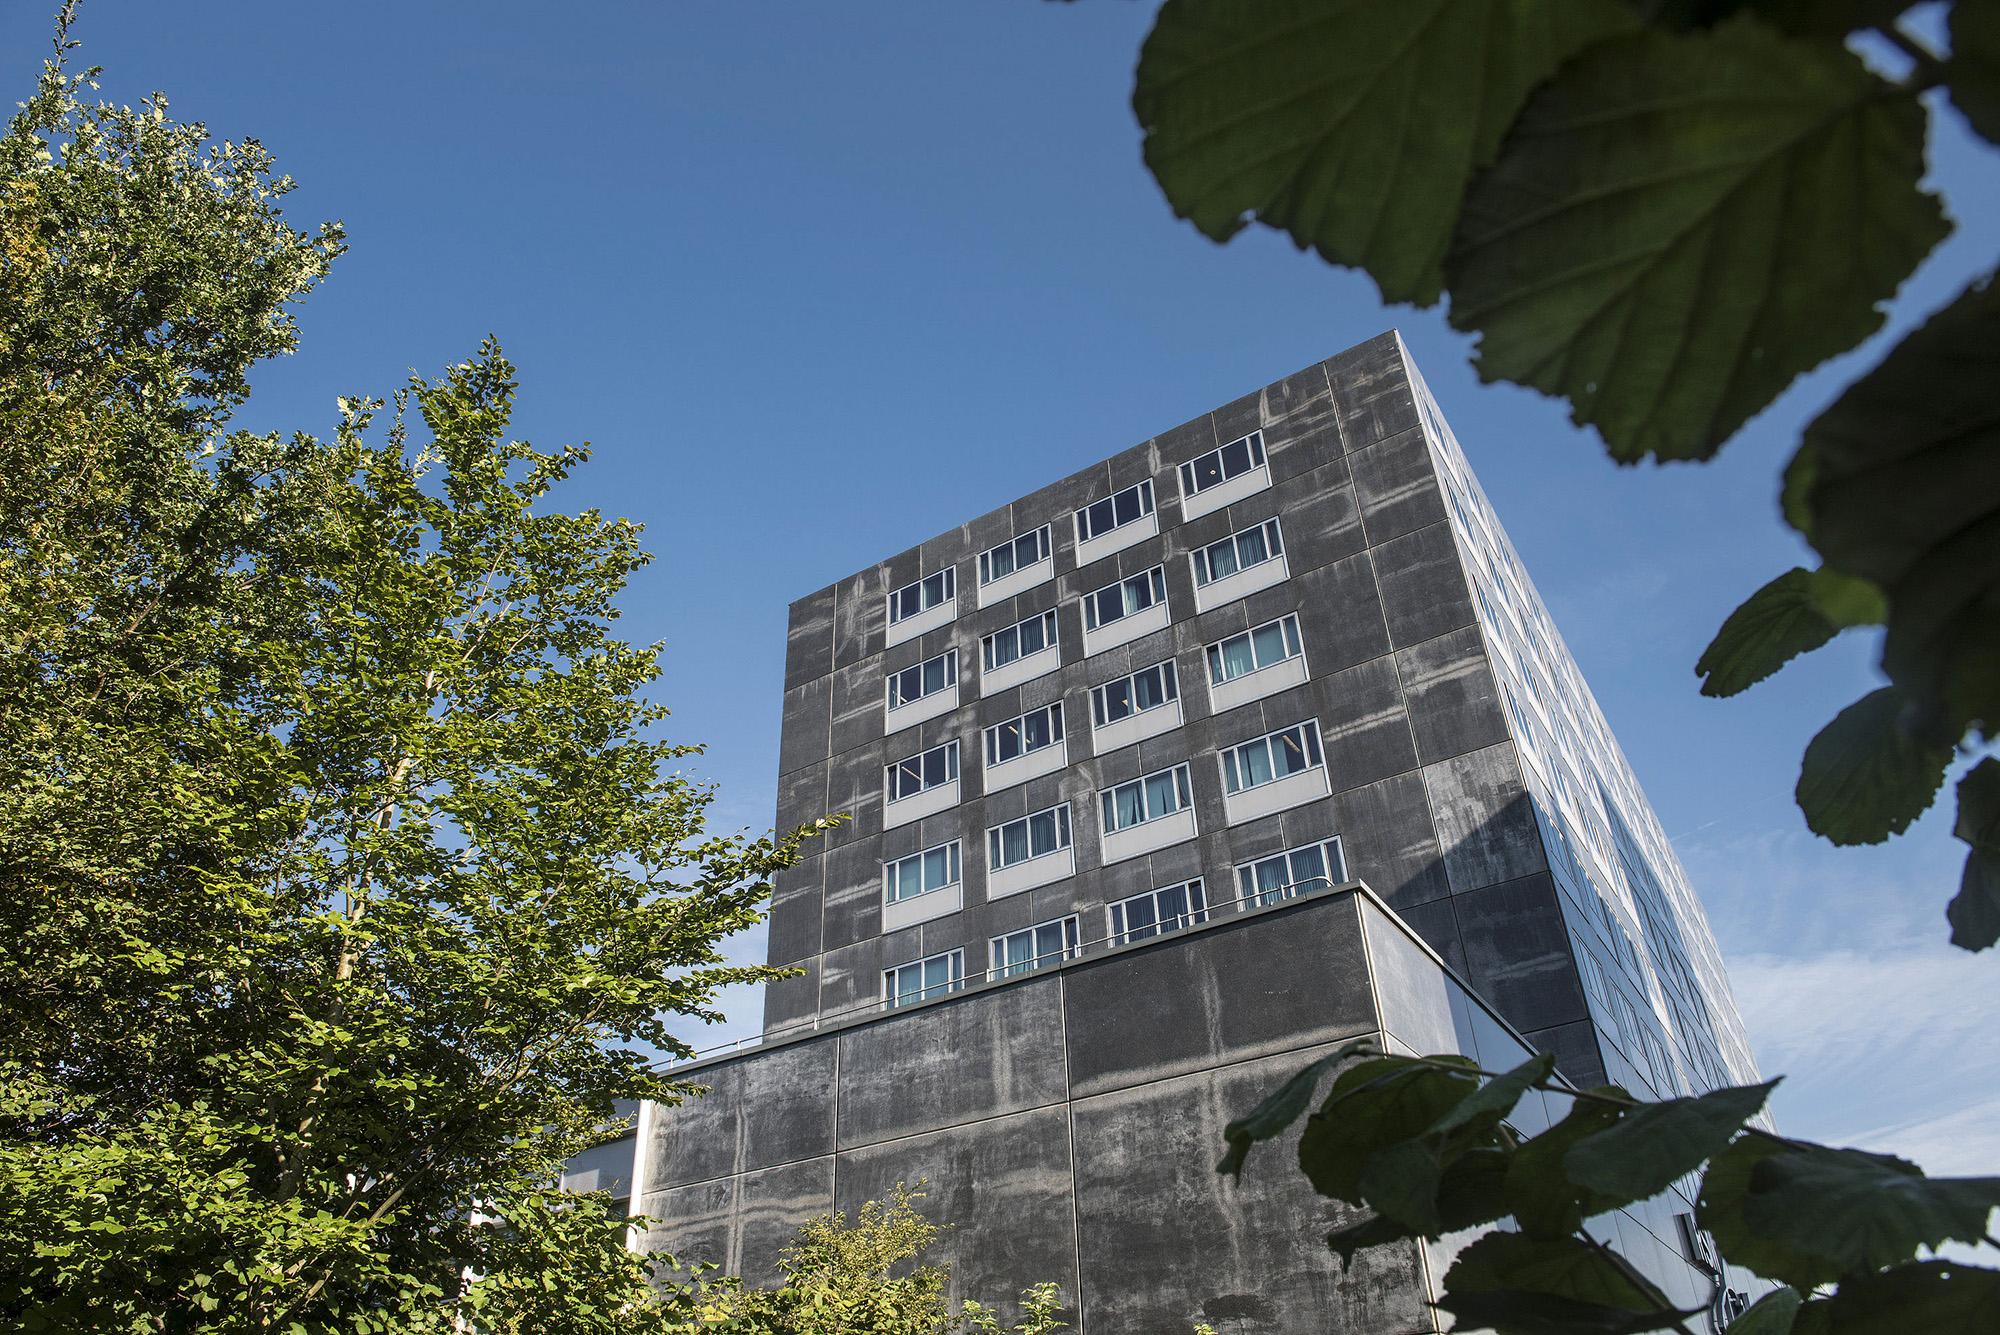 gebouwenquiz-vraag-1